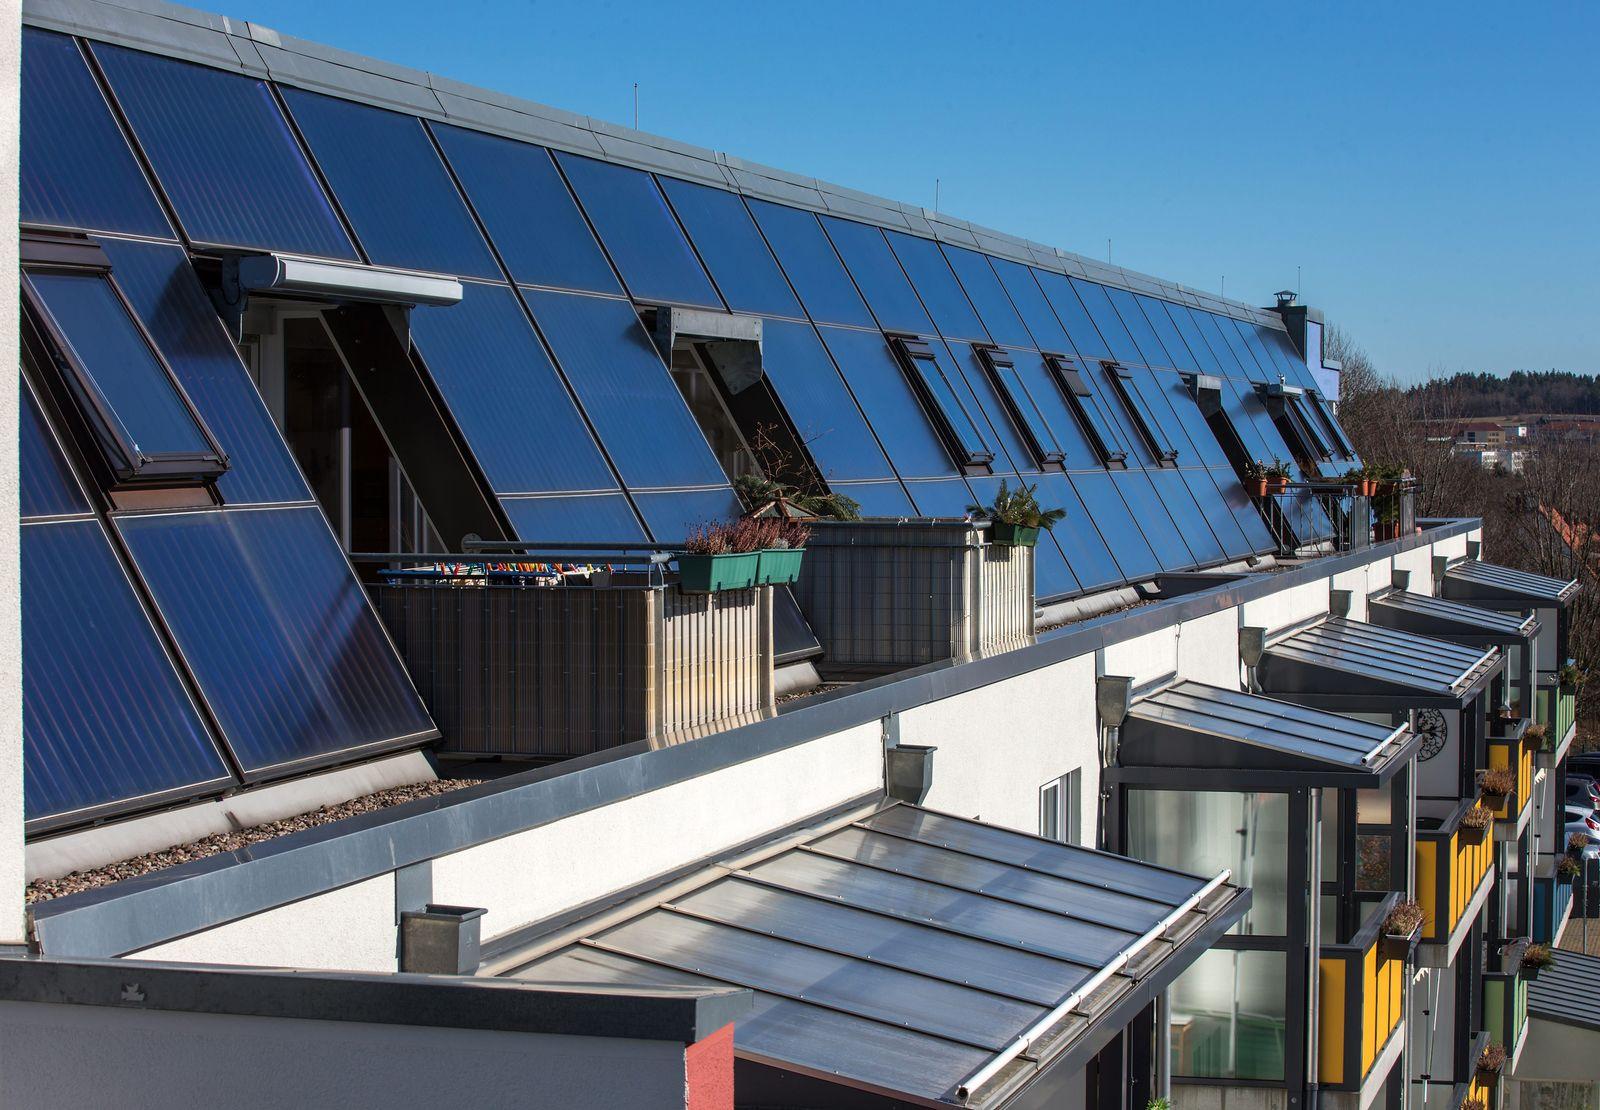 Alternativen zu Erdgas/ Solarthermie